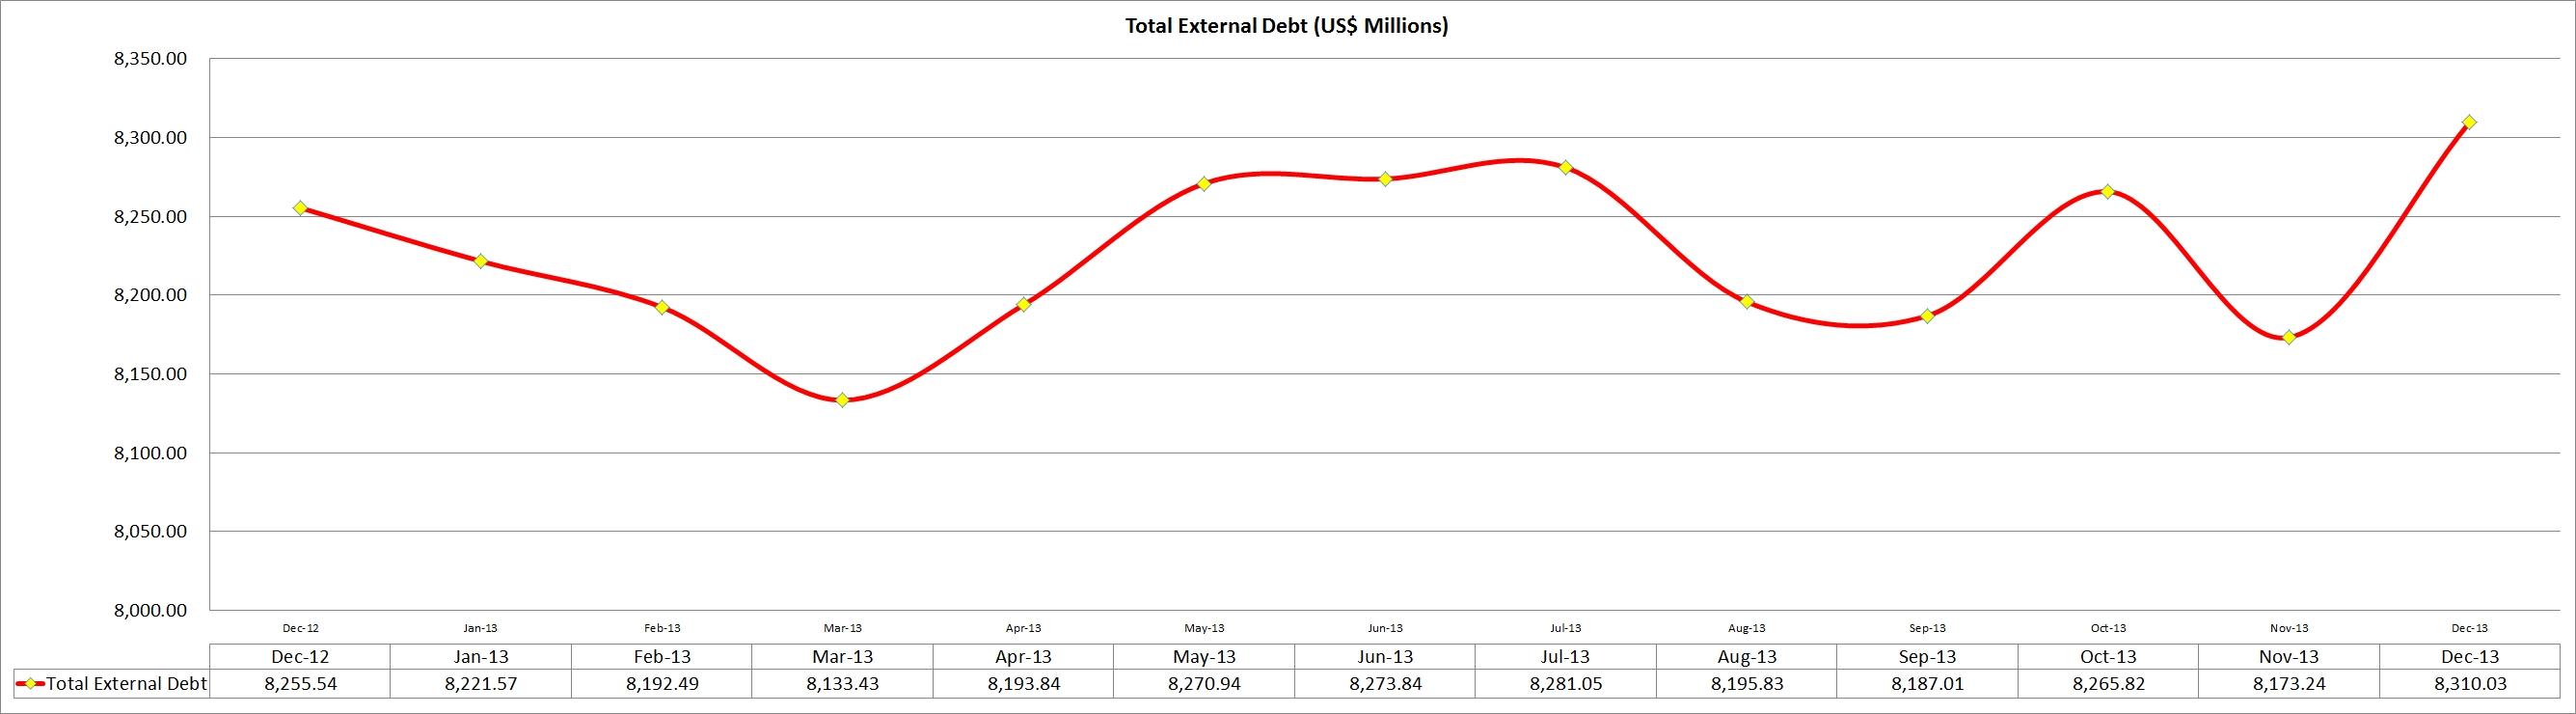 jamaica-external-debt-outstanding-2013